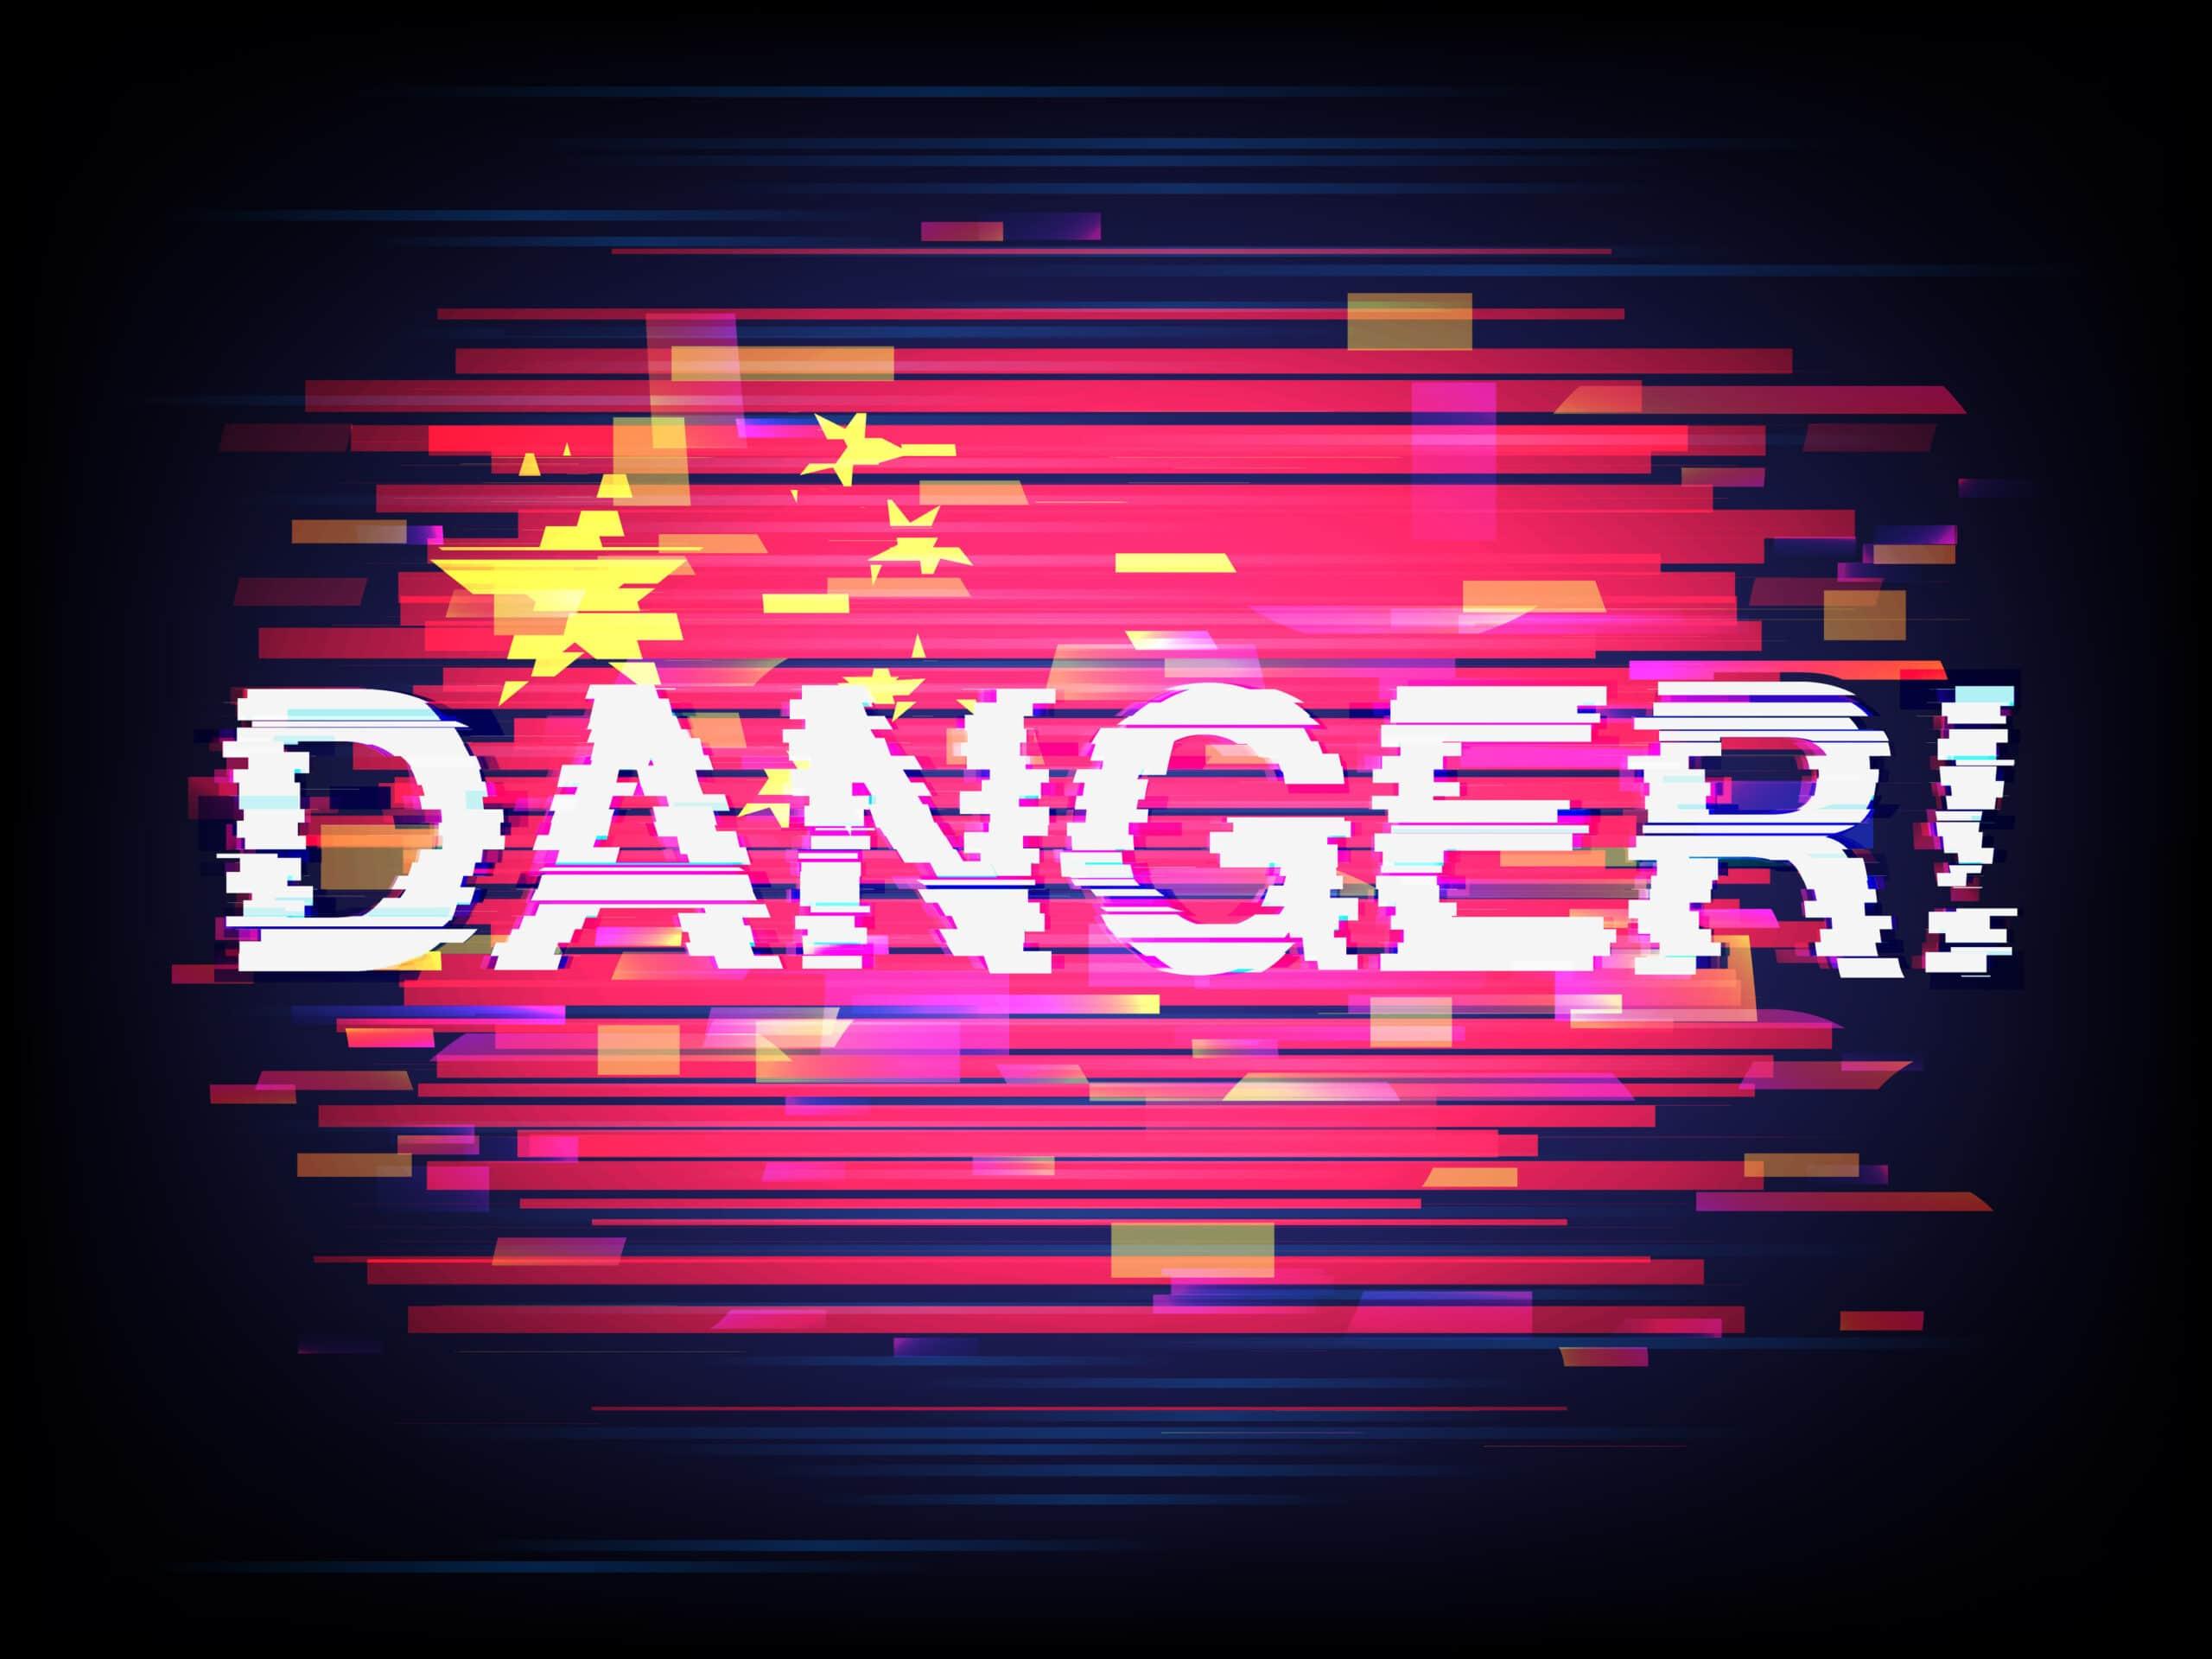 """Featured image for """"Threat Hunting Report von CrowdStrike enthüllt, dass sich Angreifer dreimal schneller als bisher gezielt Zugang zu kritischen Netzwerken verschaffen"""""""